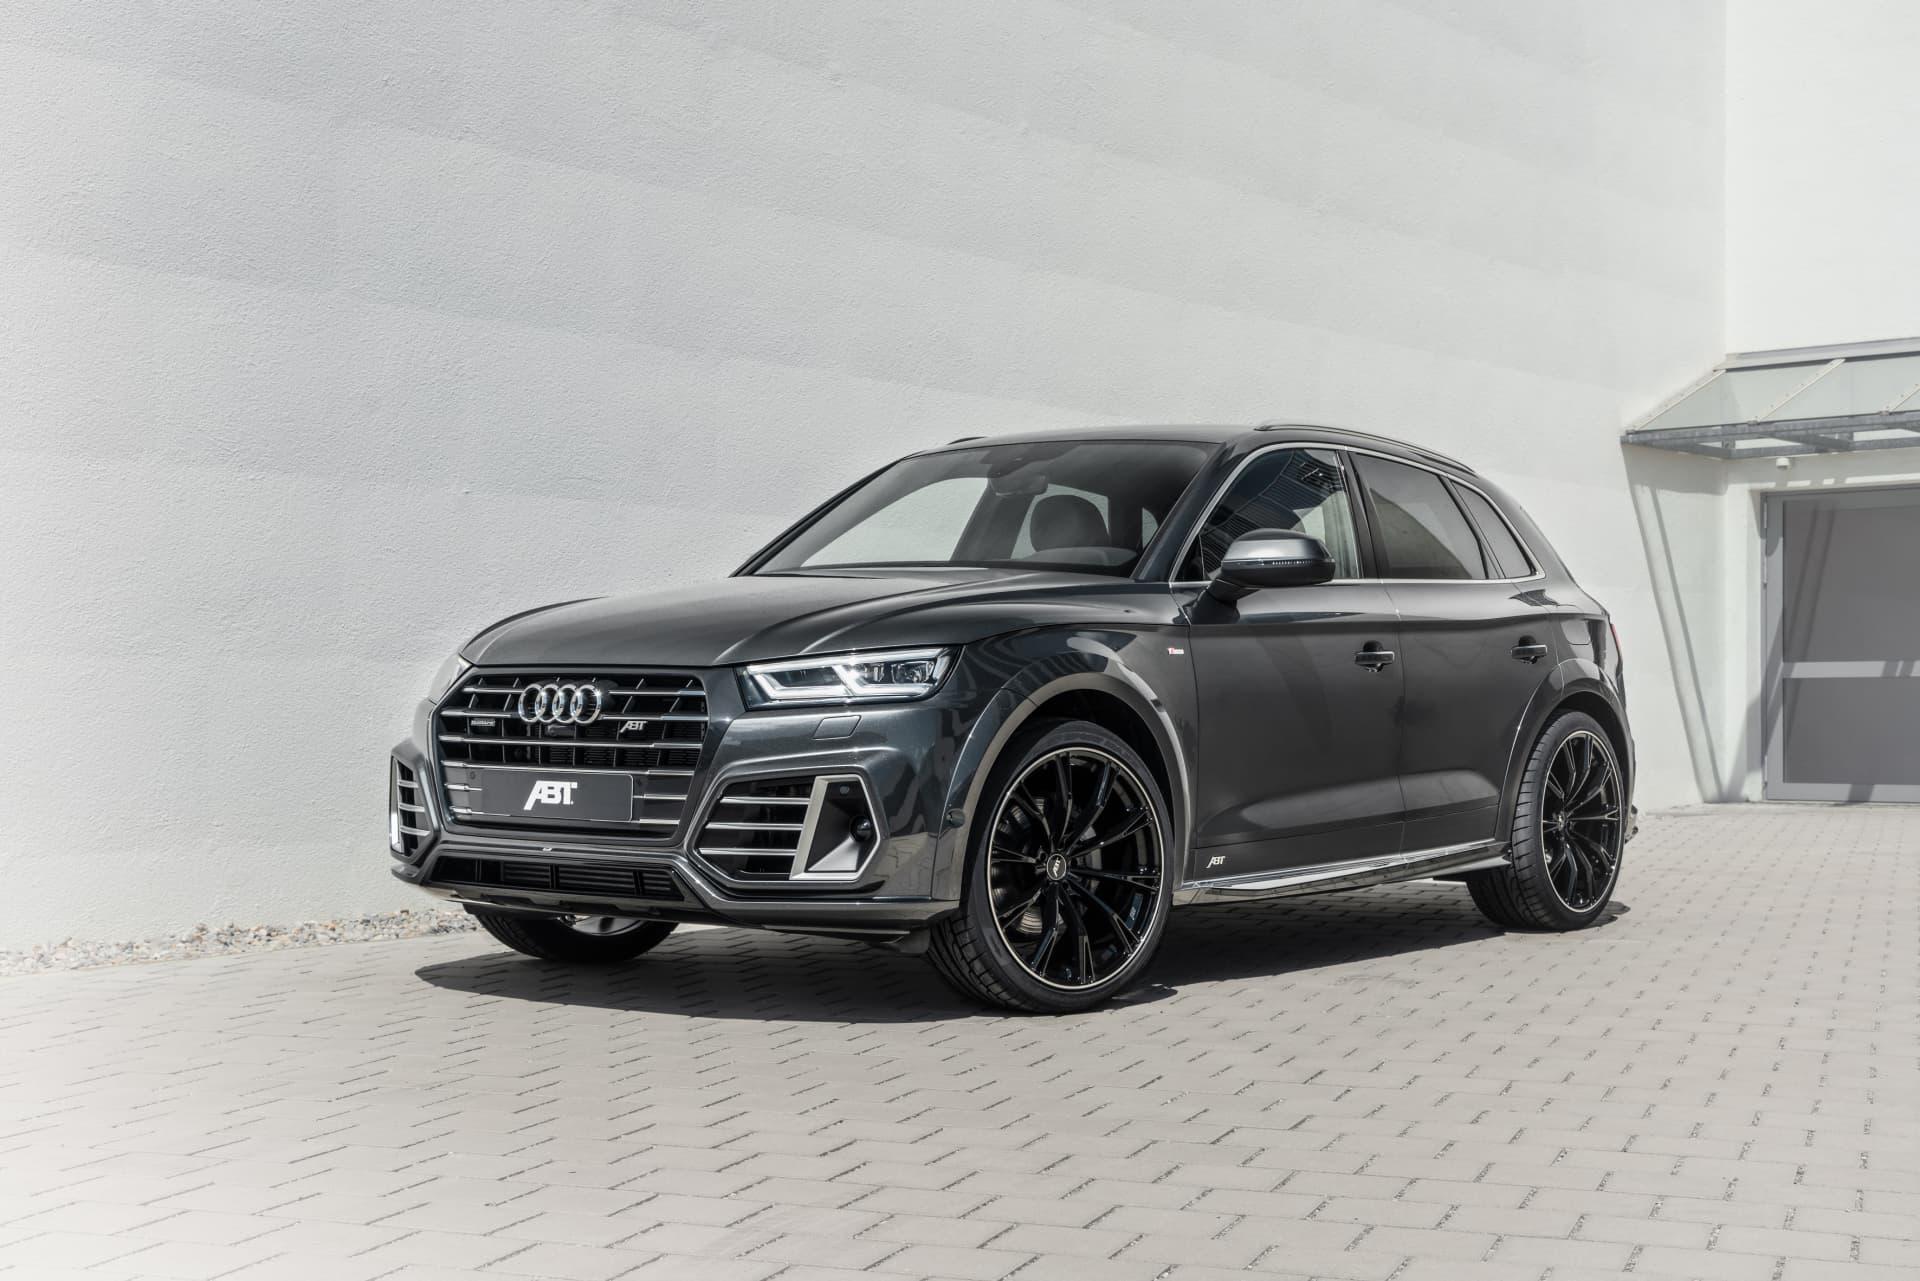 Audi Q5 Tfsie Abt 01